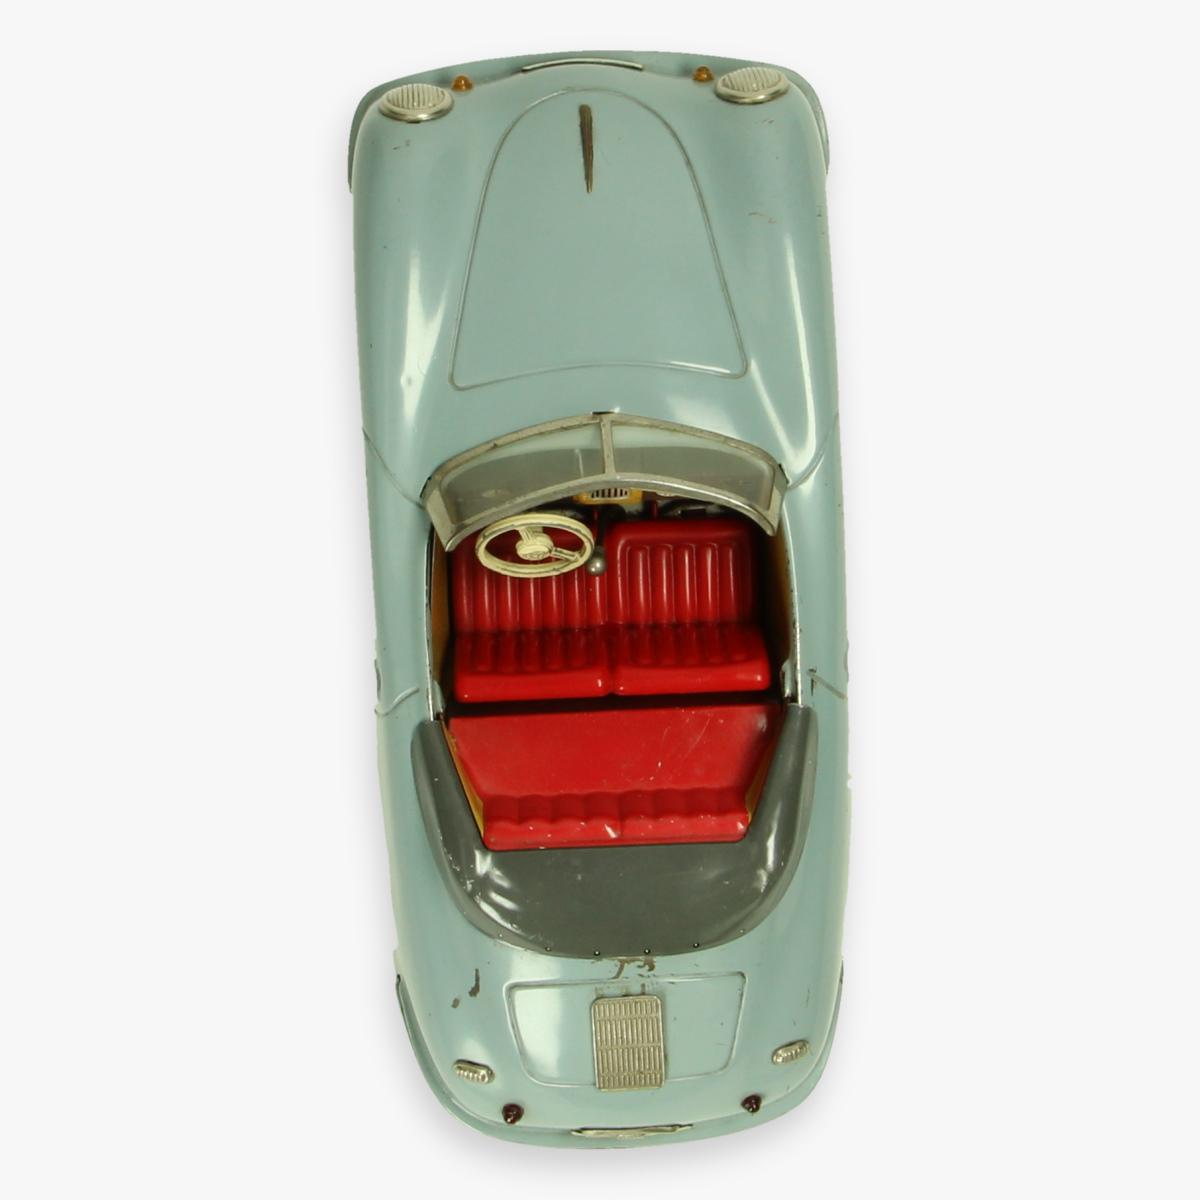 Afbeeldingen van blikken distler porsche 356 grijs jaren 50 electro matic 7500